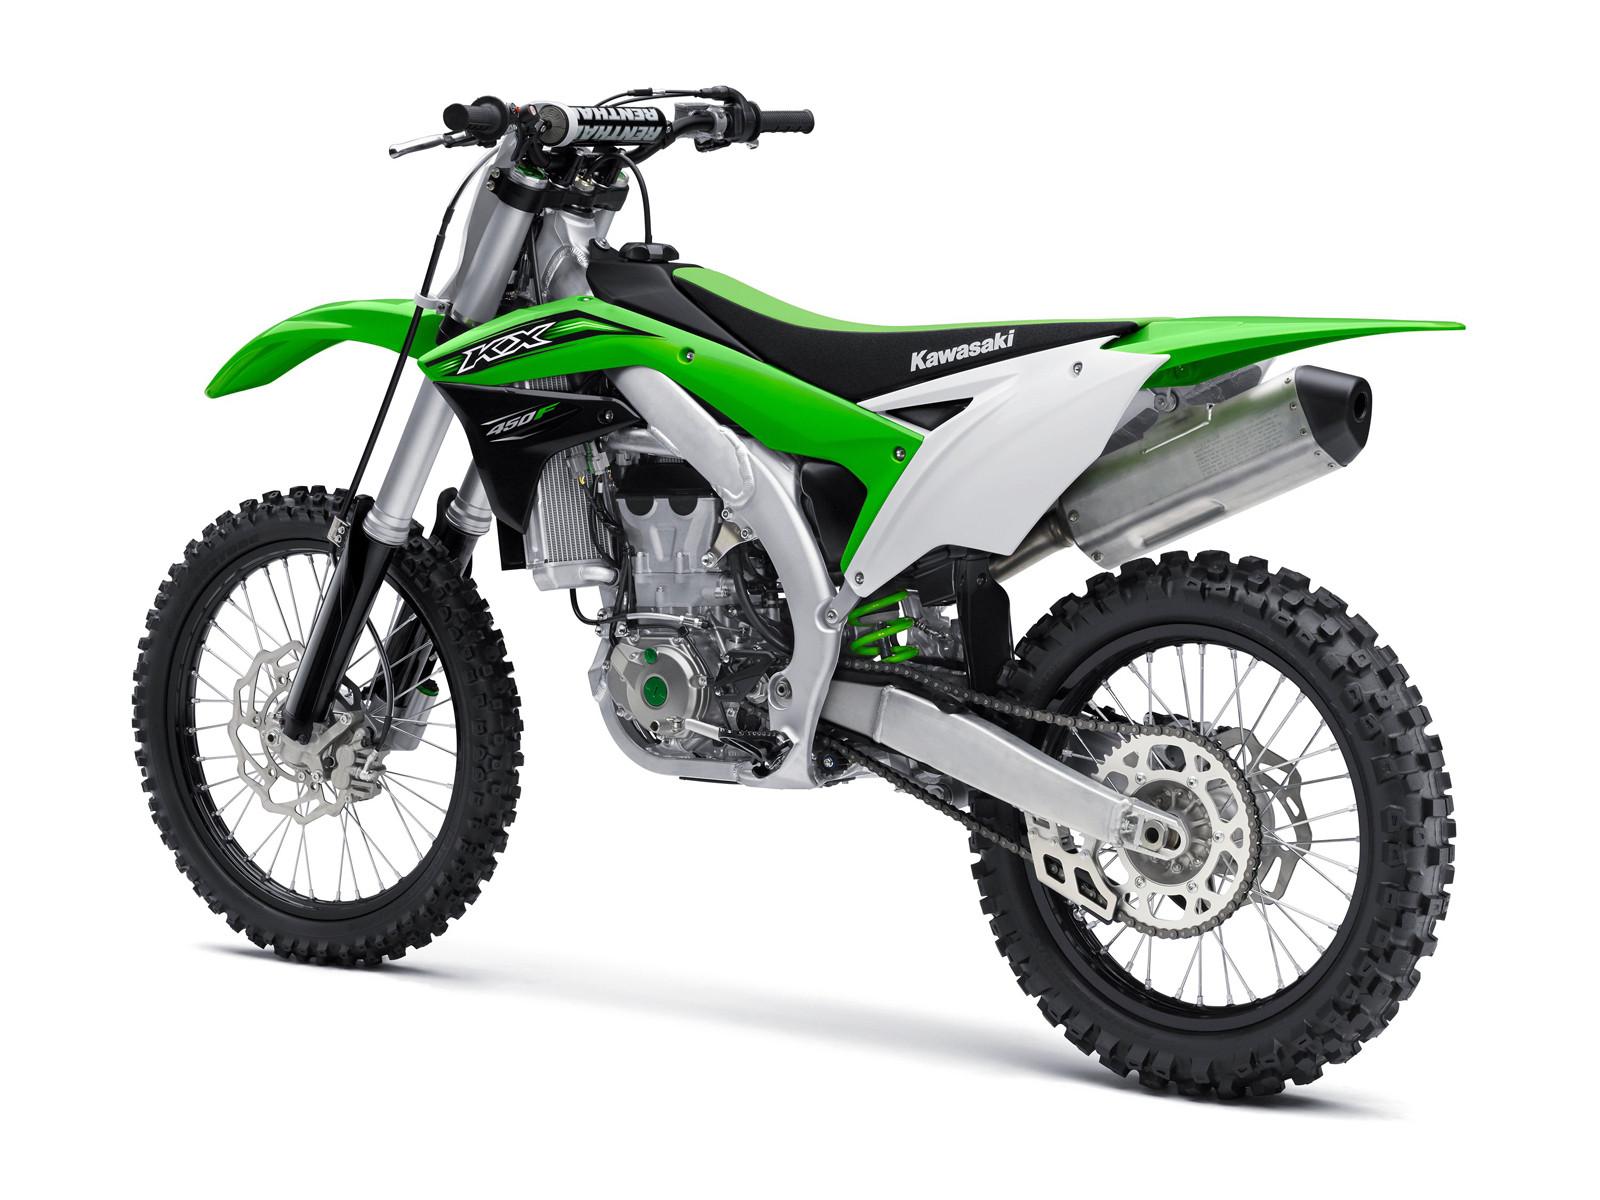 2016 Kawasaki KX450F - First Look: 2016 Kawasaki KX Models - Motocross Pictures - Vital MX